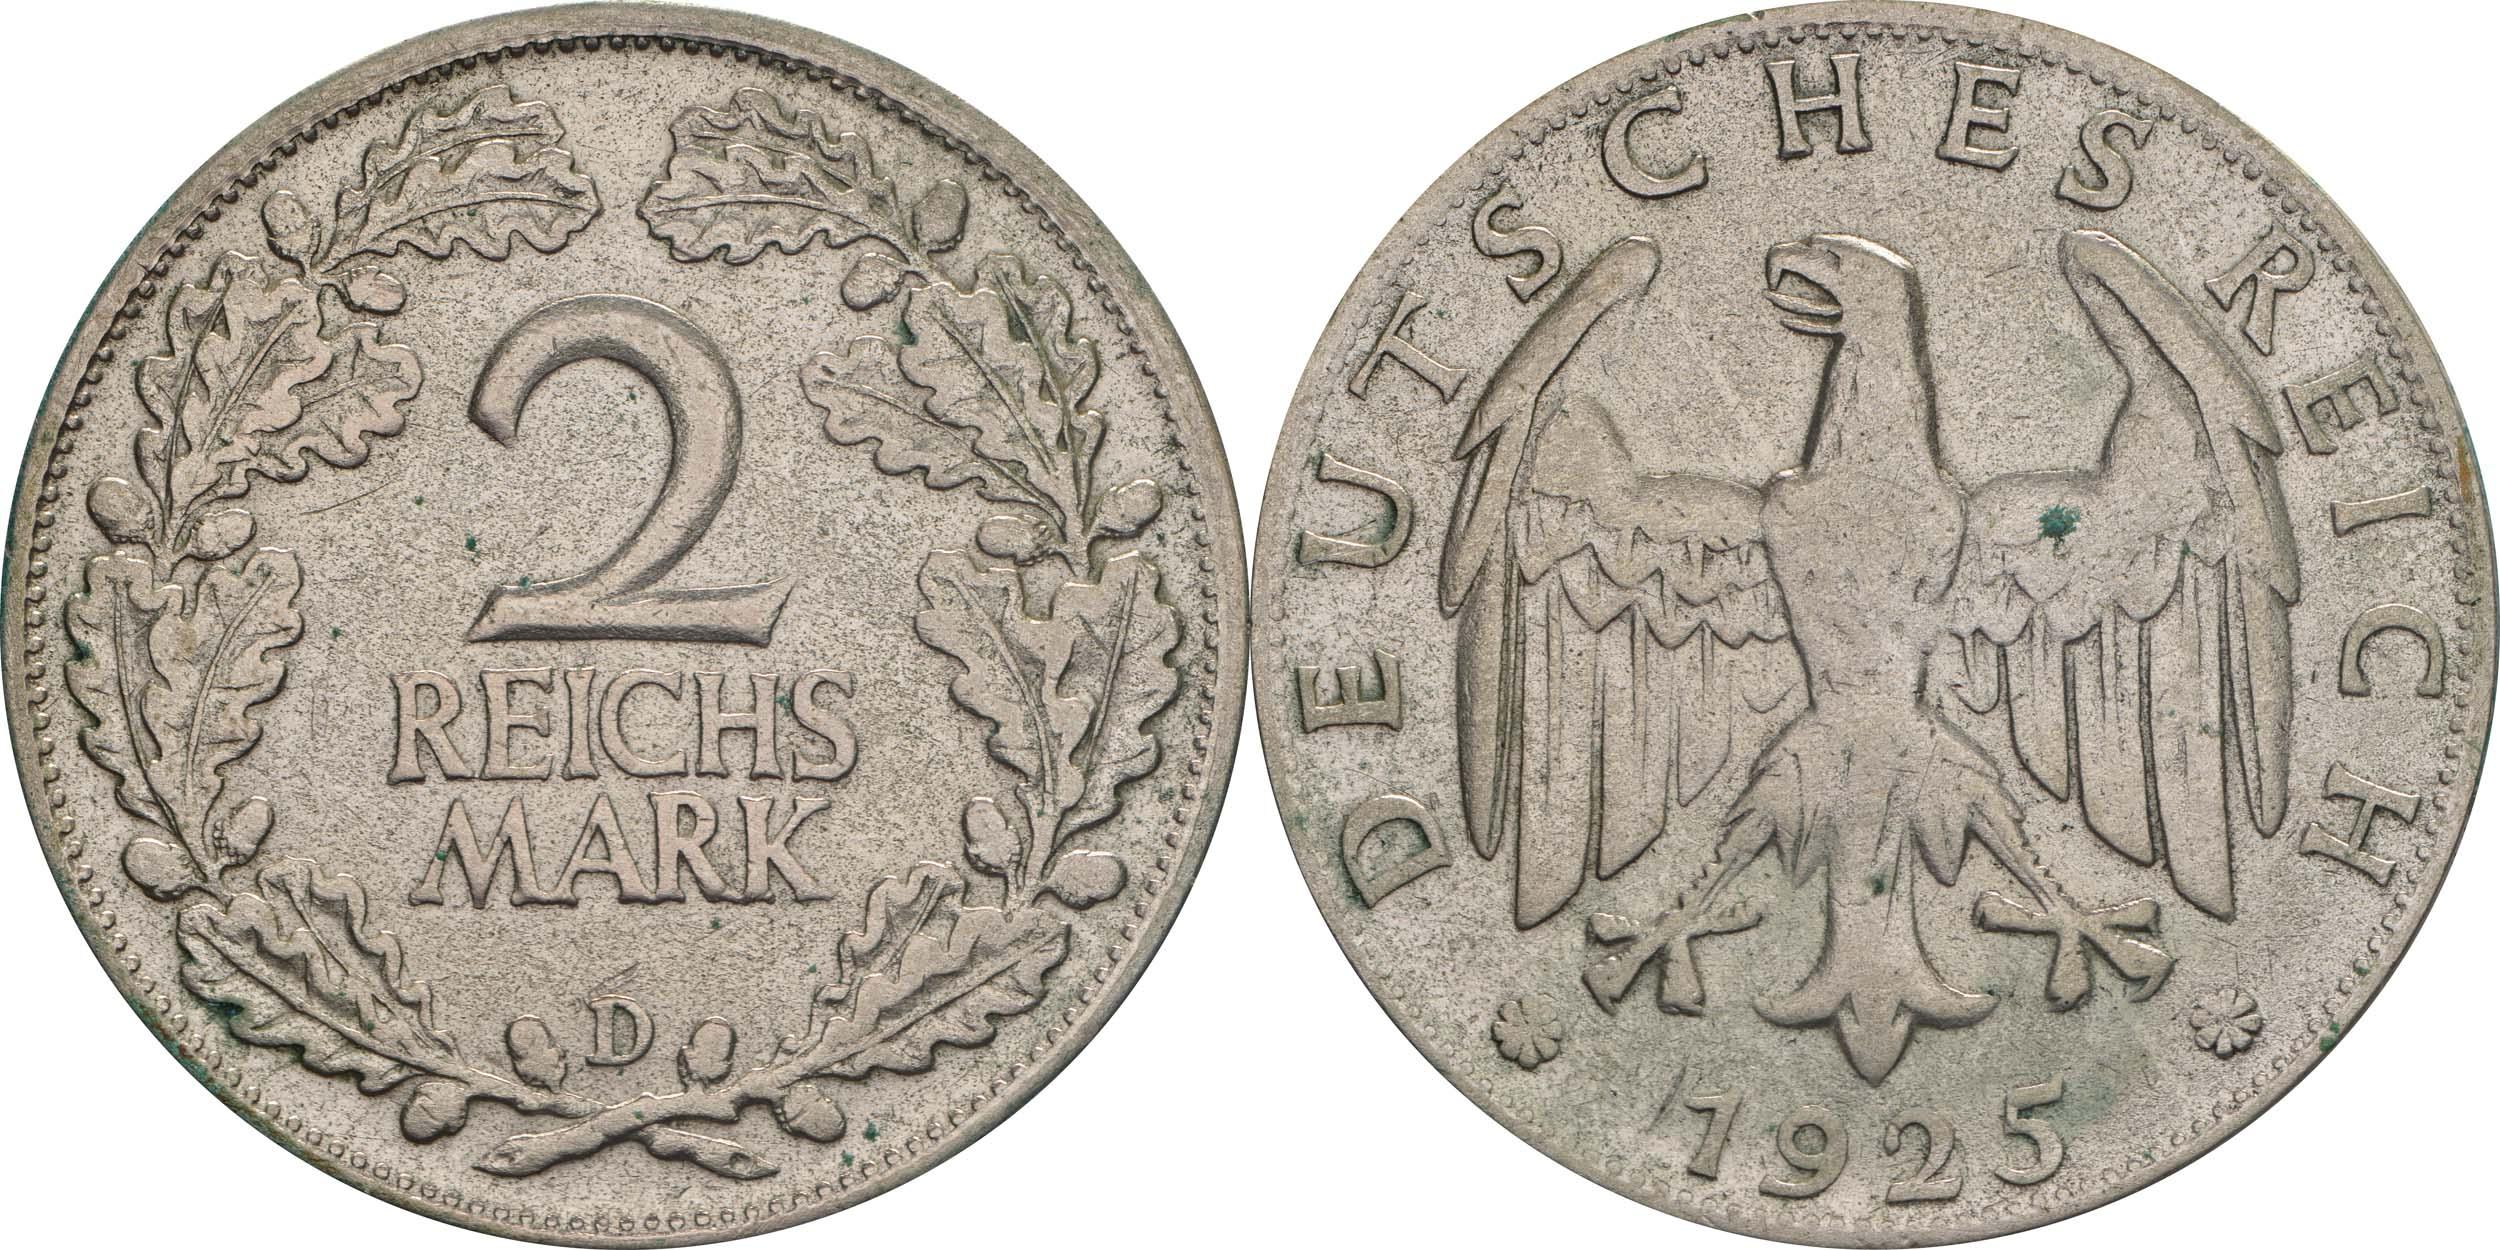 Lieferumfang:Deutschland : 2 Reichsmark Kursmünze  1925 ss/vz.